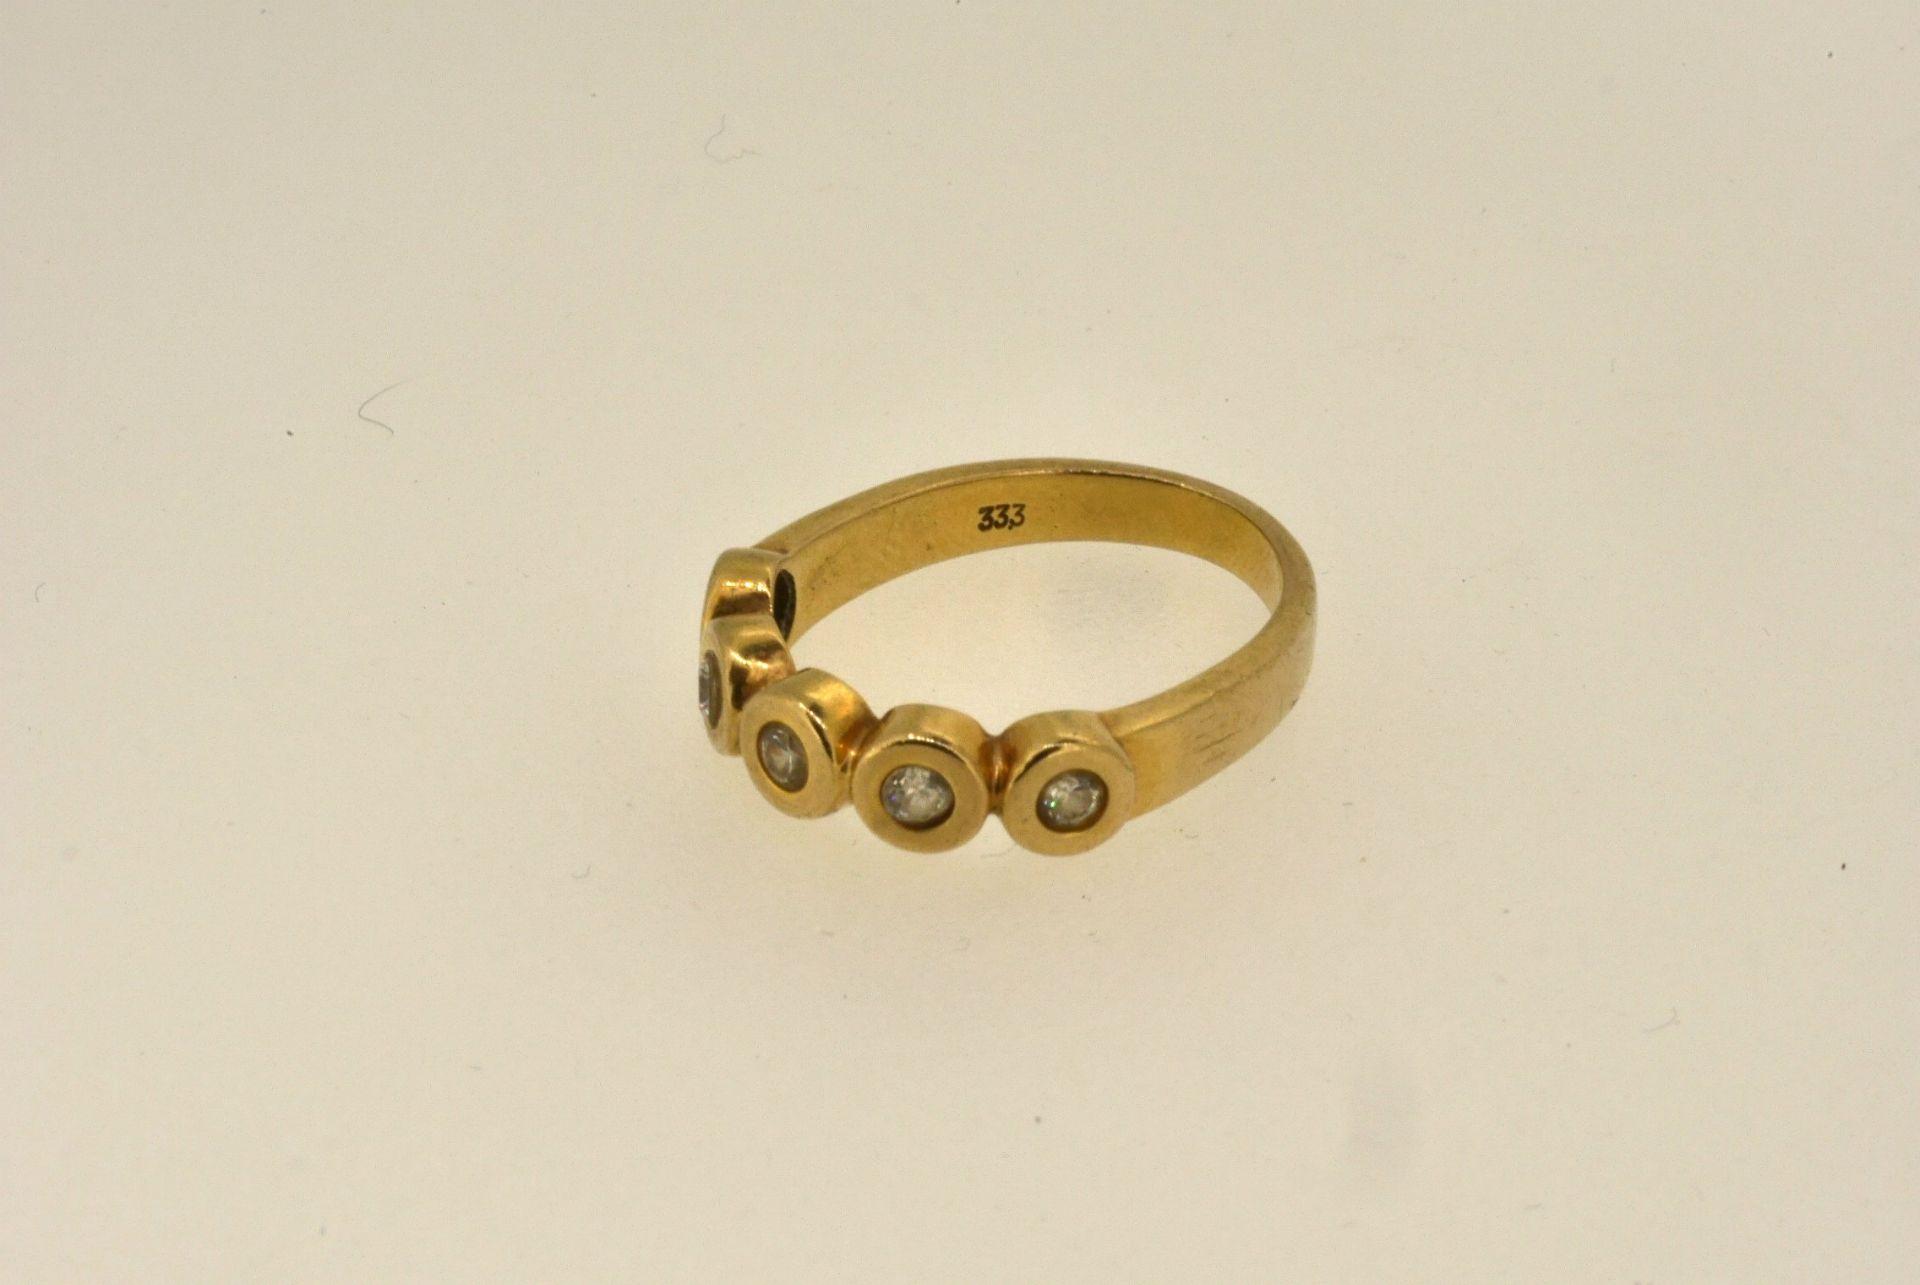 Ring GG 333, Zirkonia, 3,36 Gramm - Bild 3 aus 4